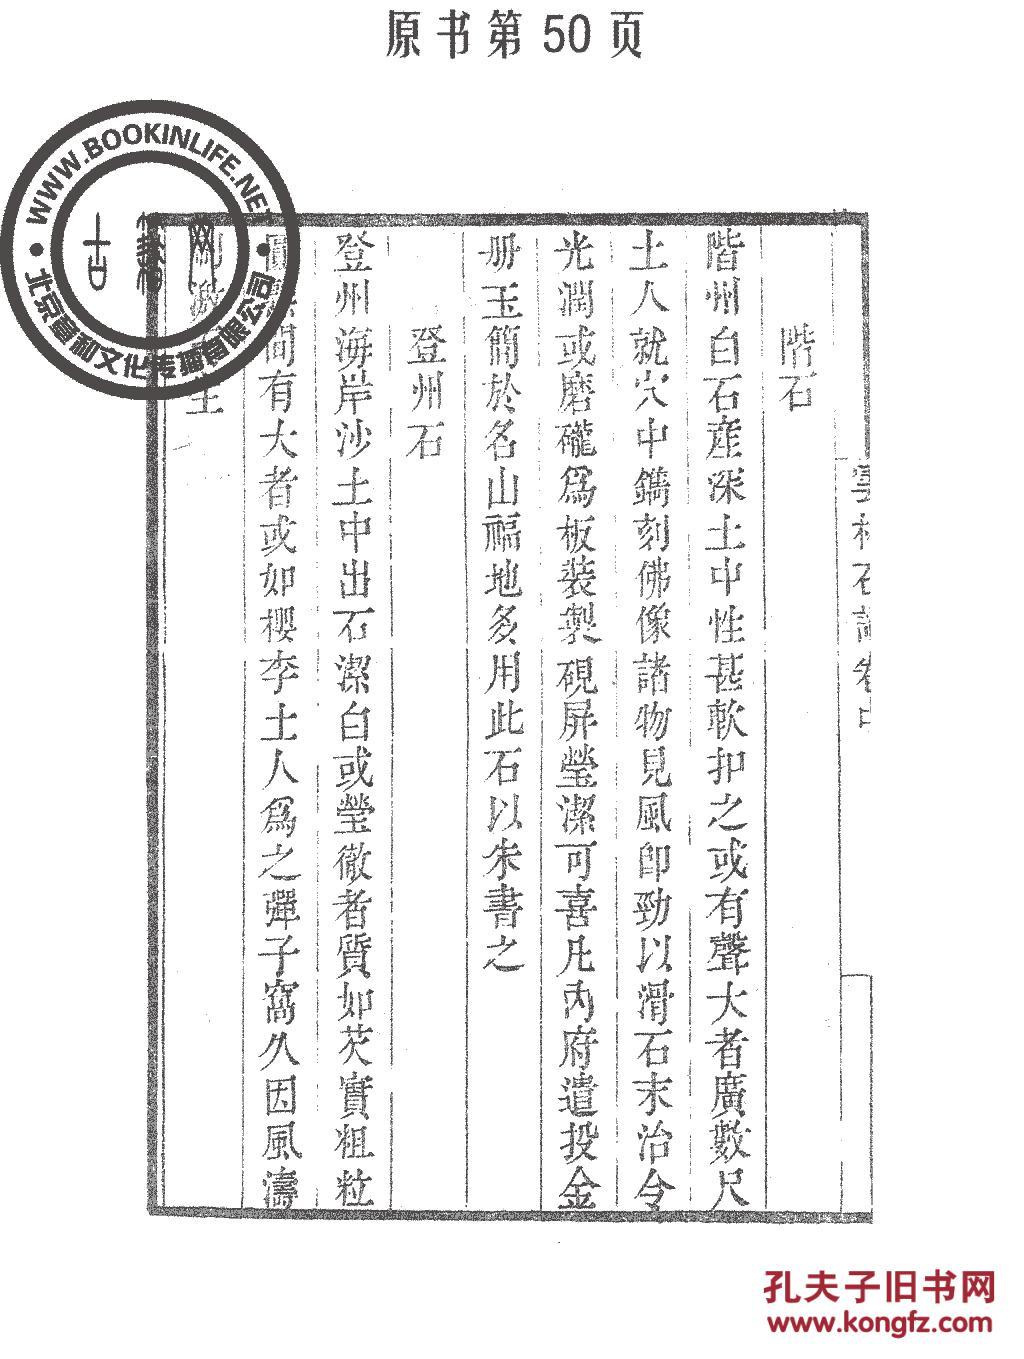 财神七十二香谱图_word文档在线阅读与下载_无忧文档